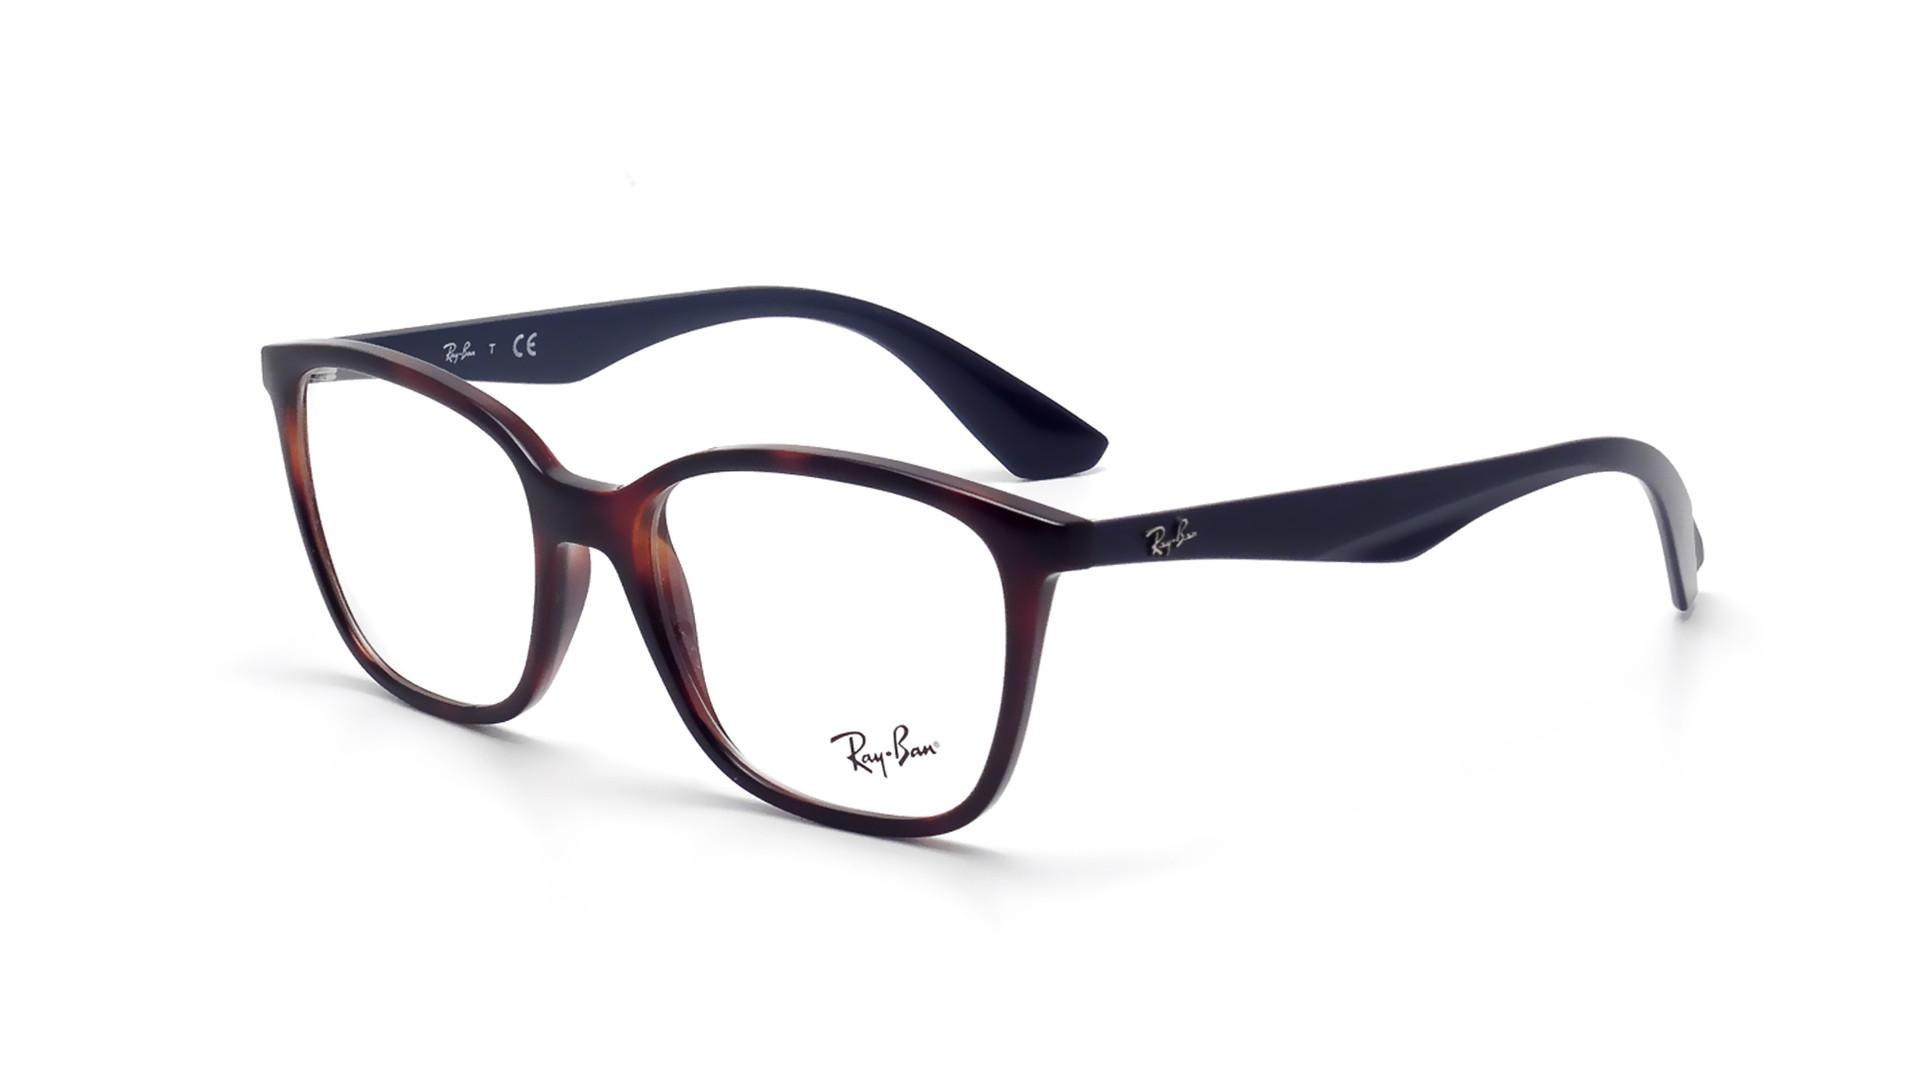 c7b00f9bf4990 Eyeglasses Ray-Ban RX7066 RB7066 5585 52-17 Tortoise Medium